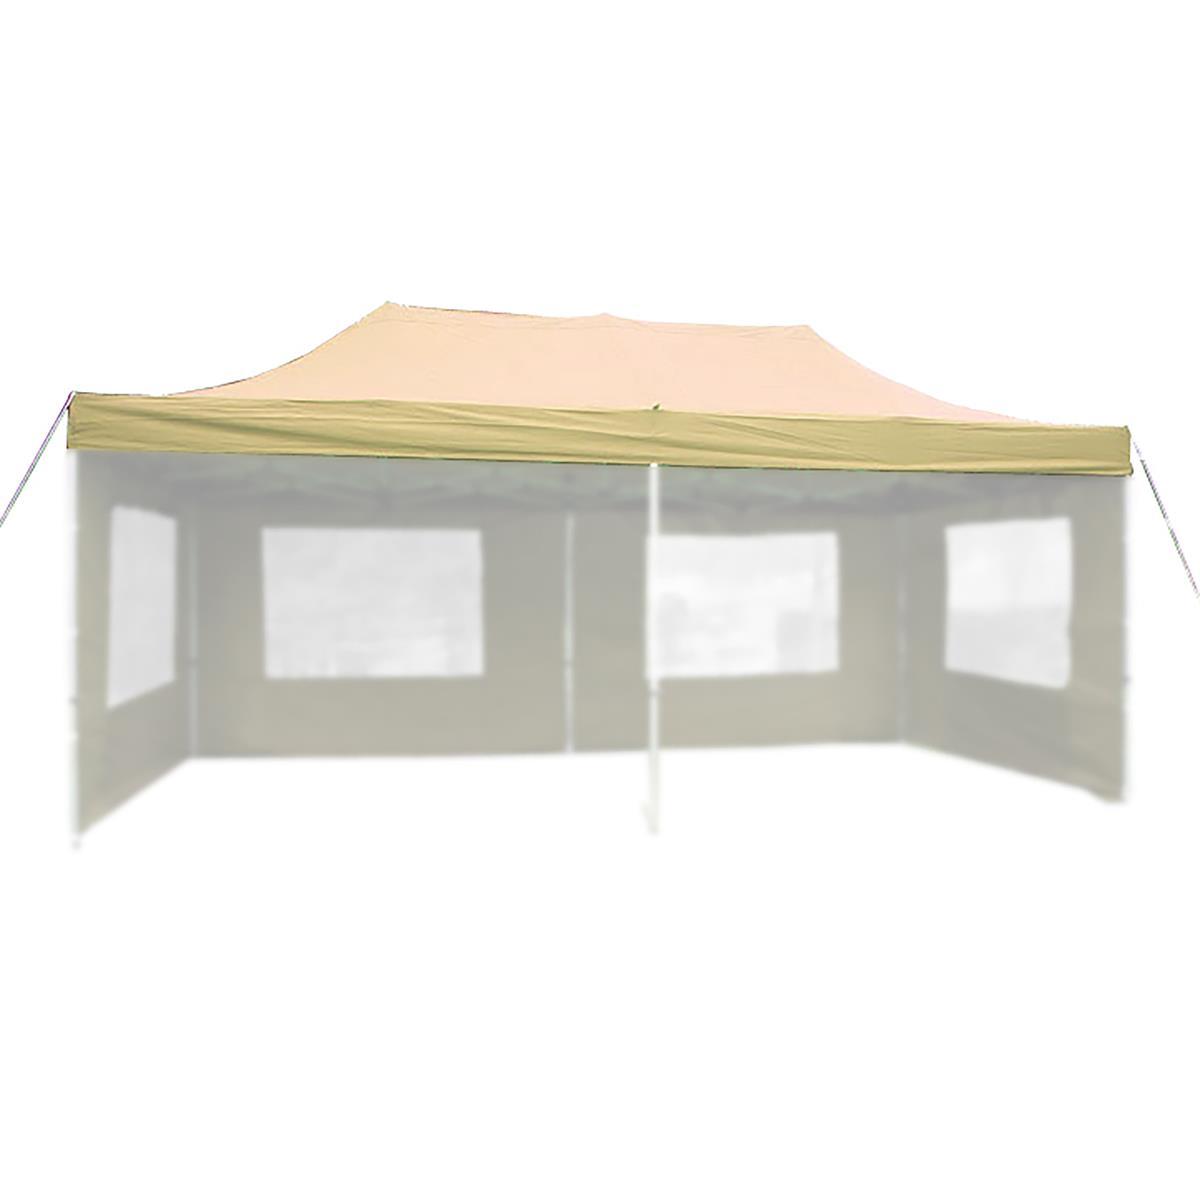 Béžová střecha pro párty stan 3x6 m